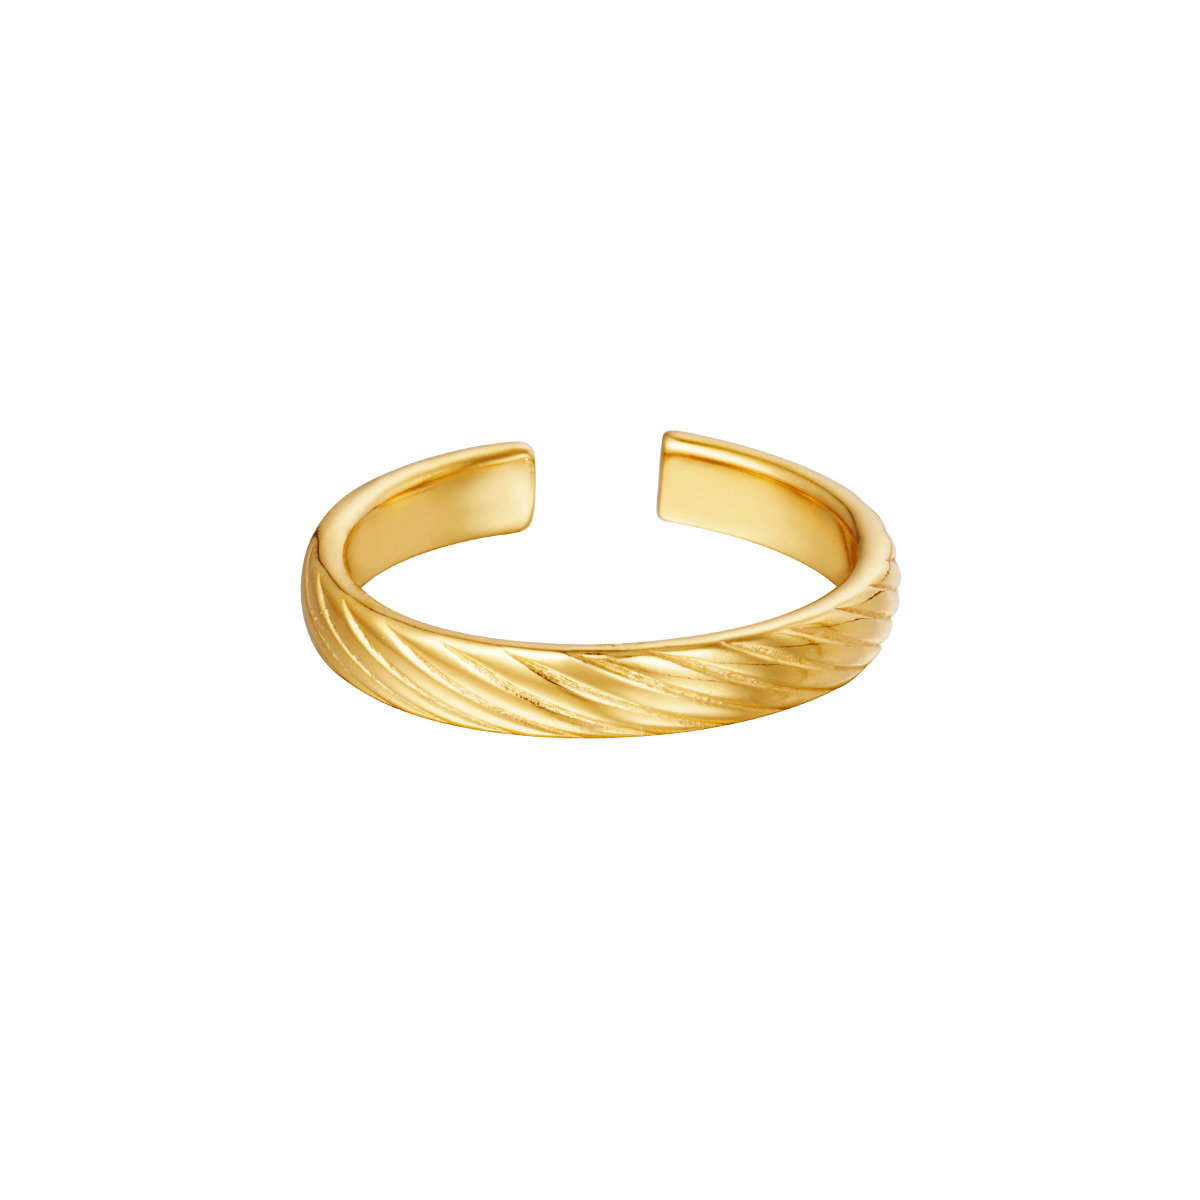 Verstelbare ring gedraaid patroon